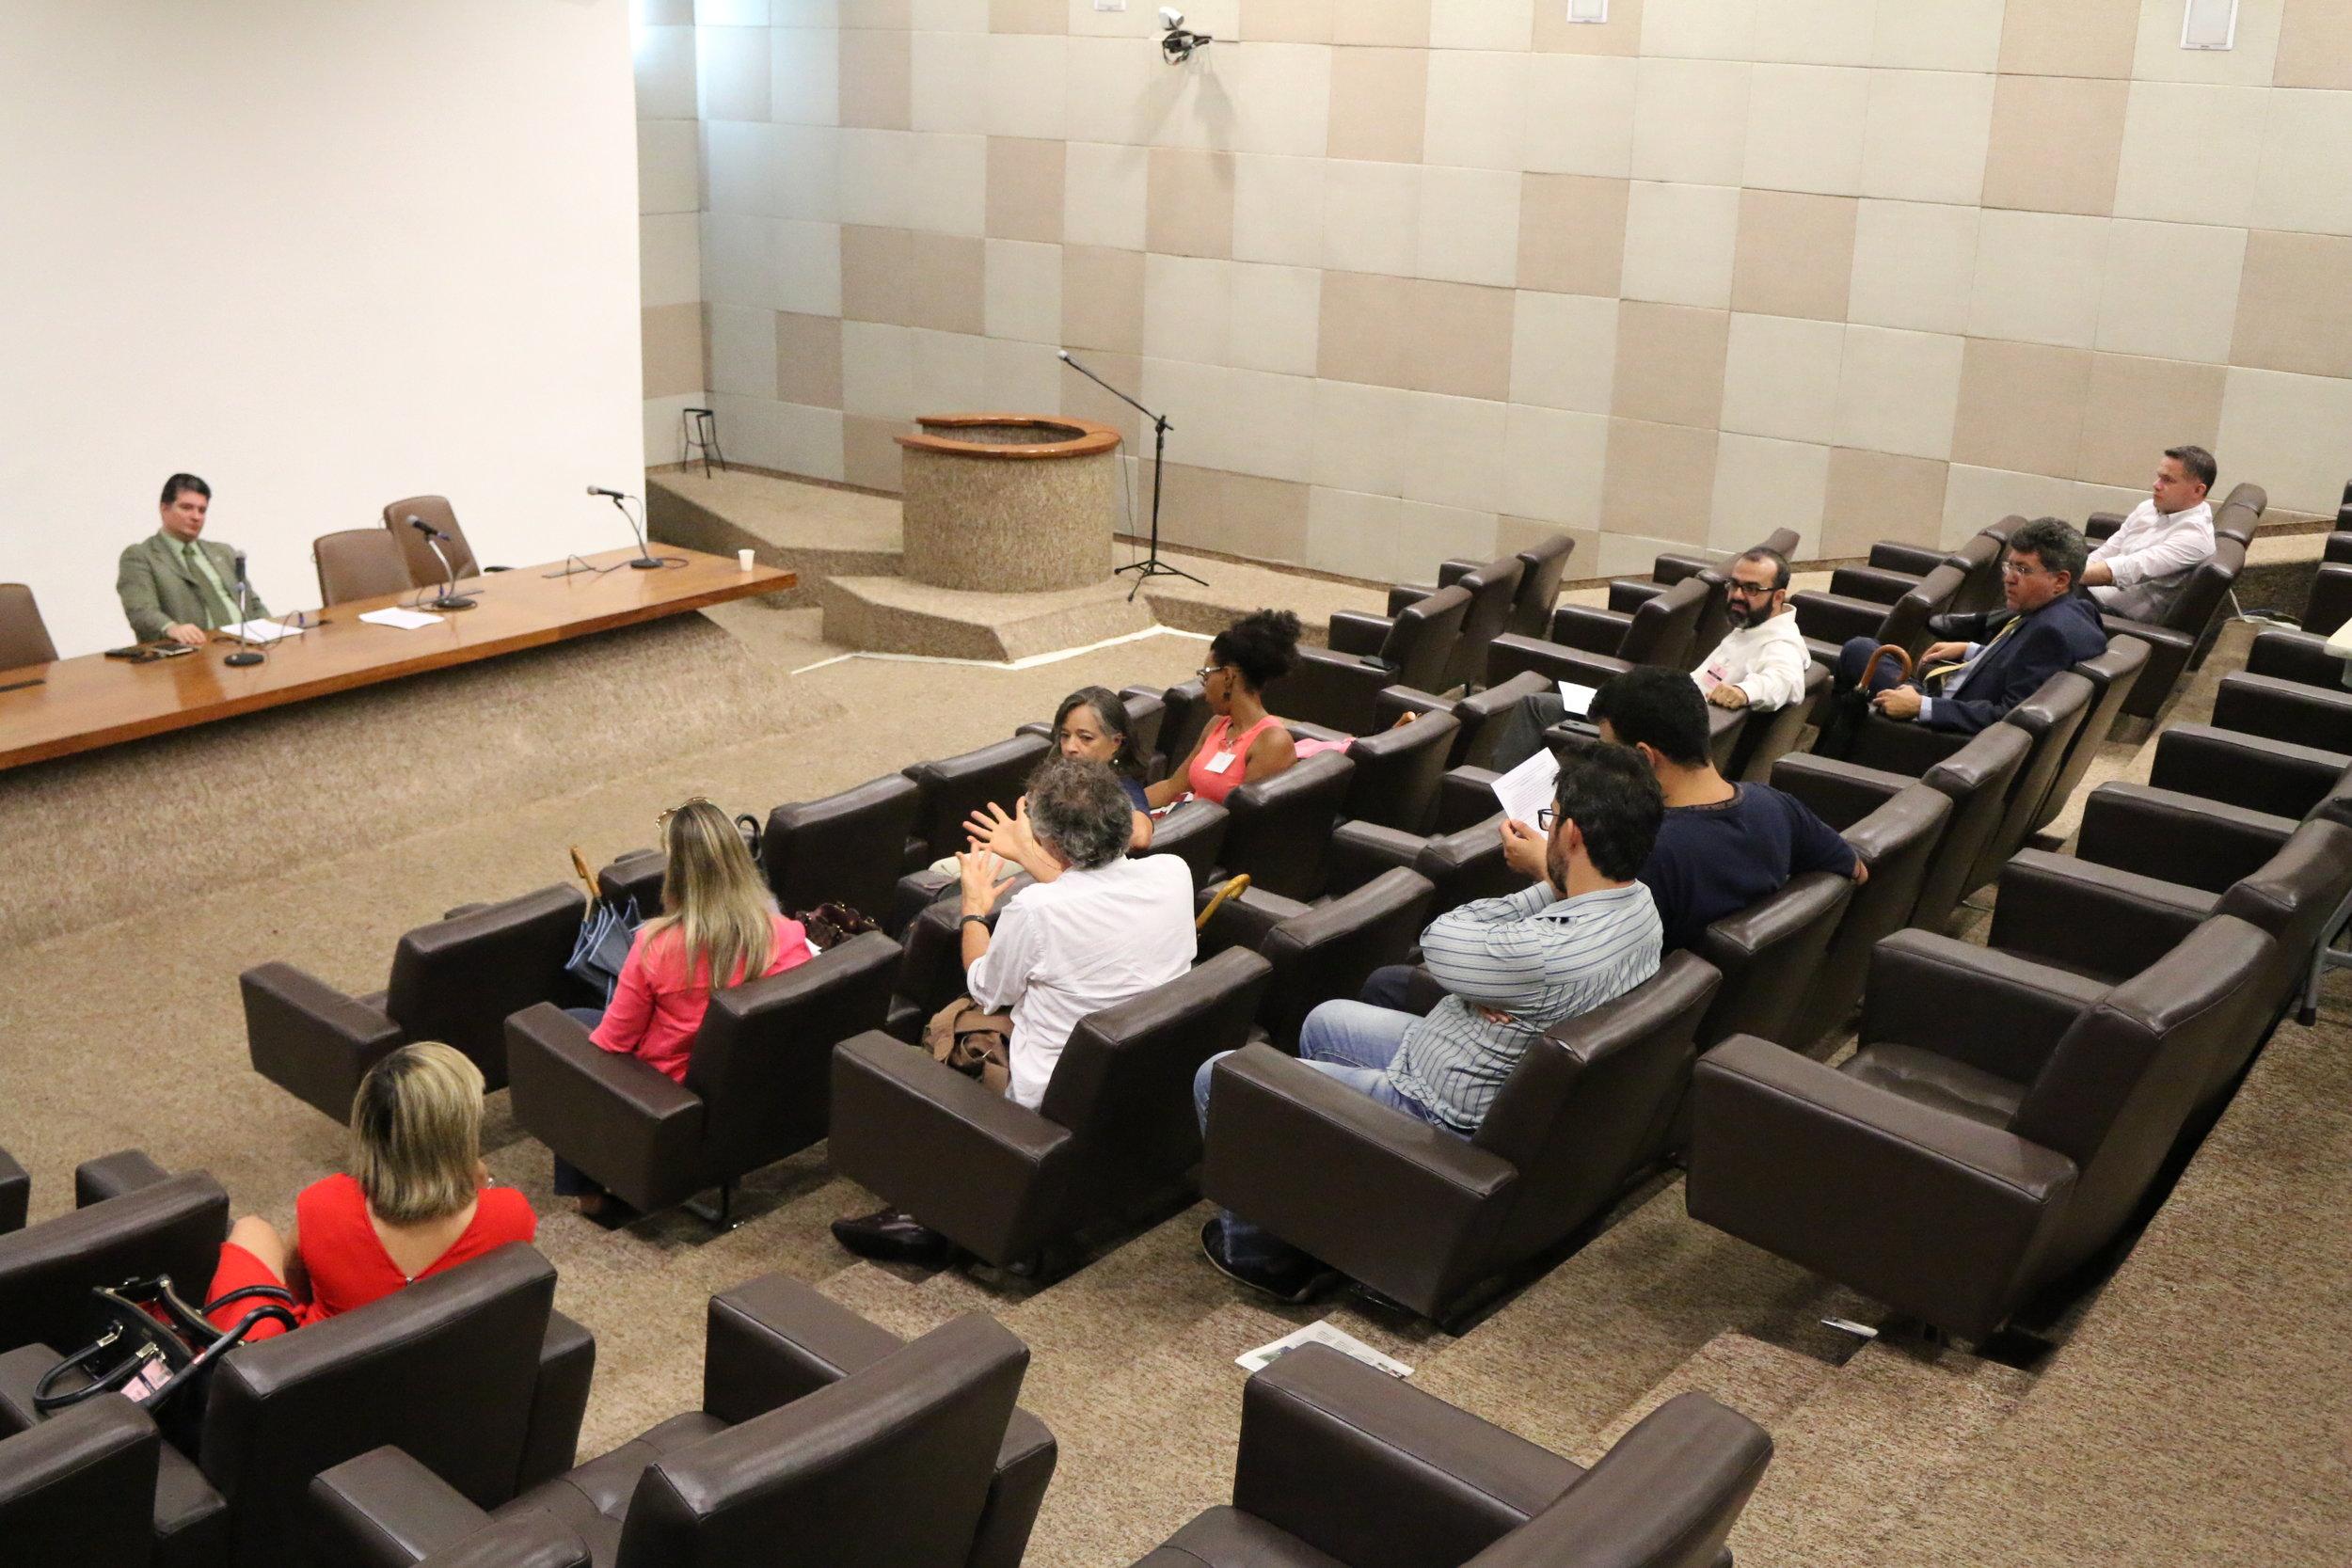 Associados debatem edital durante AGE no Palácio da Justiça. Foto: Filipe Calmon / ANESP